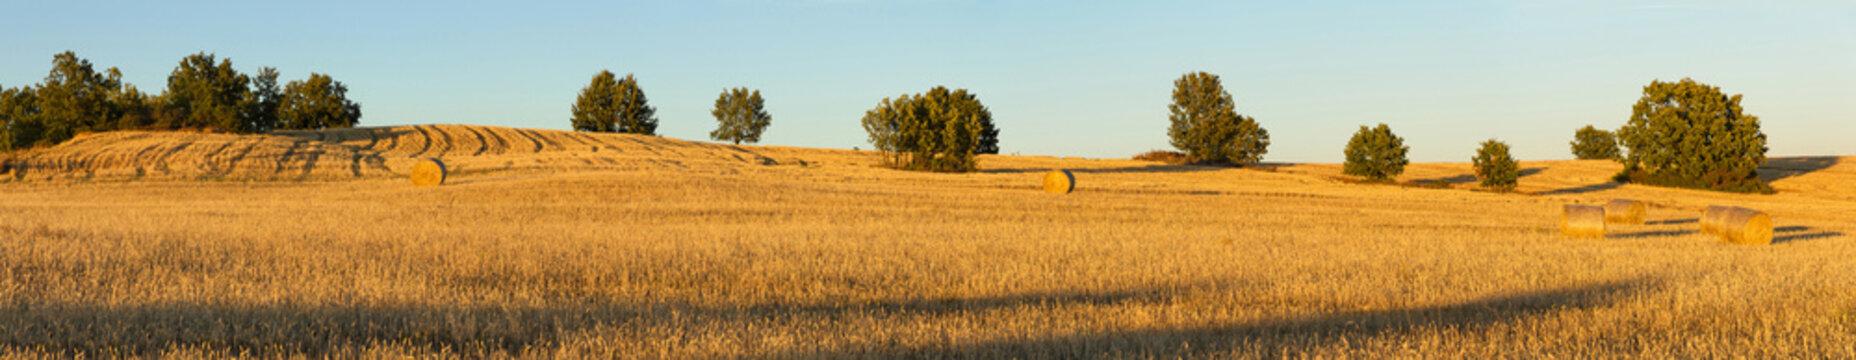 Vista panoramica  de una loma con campos agricolas de cereal ya recolectado en balas o pacas  y algun roble disperso